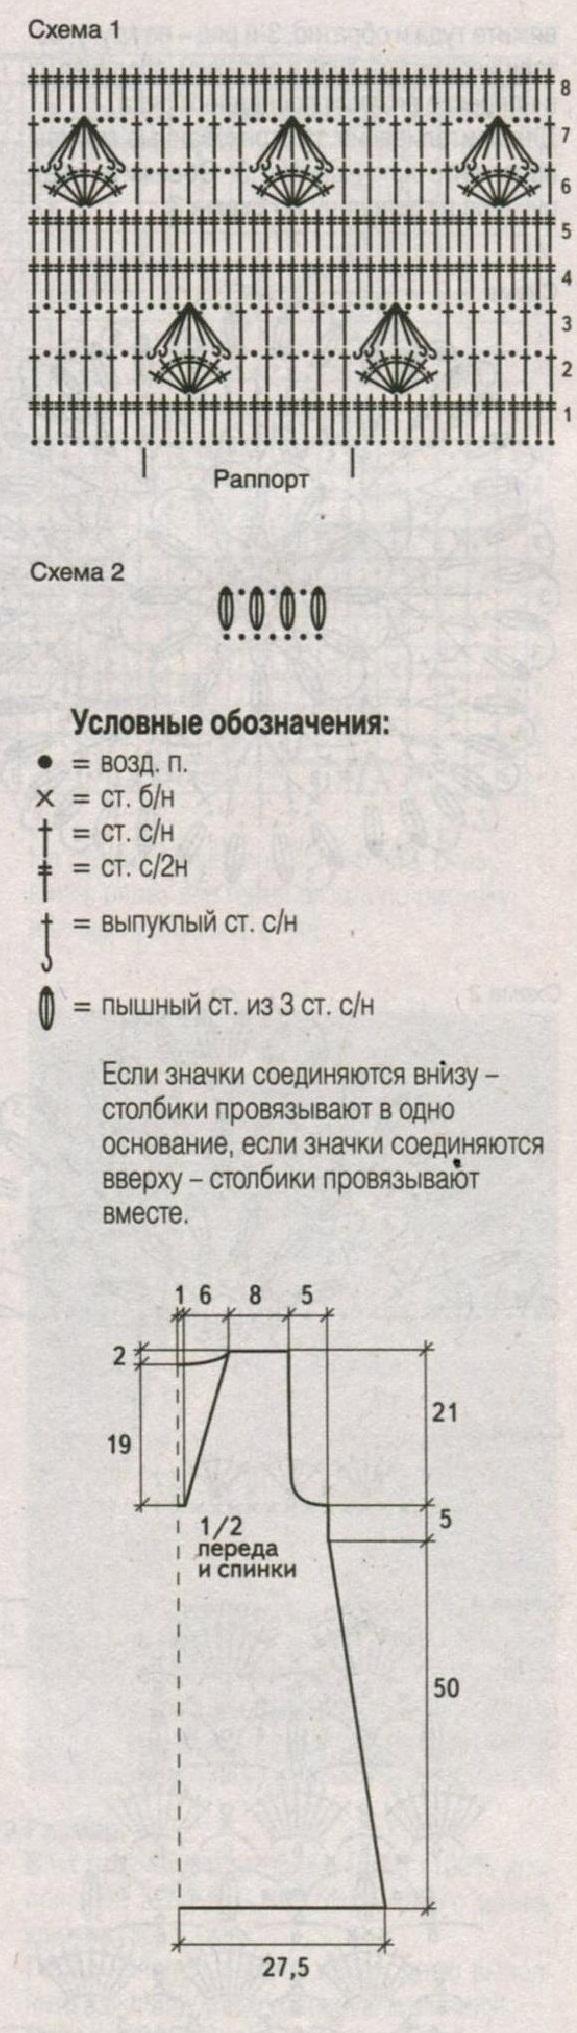 Бирюзовая туника вязаная крючком схема